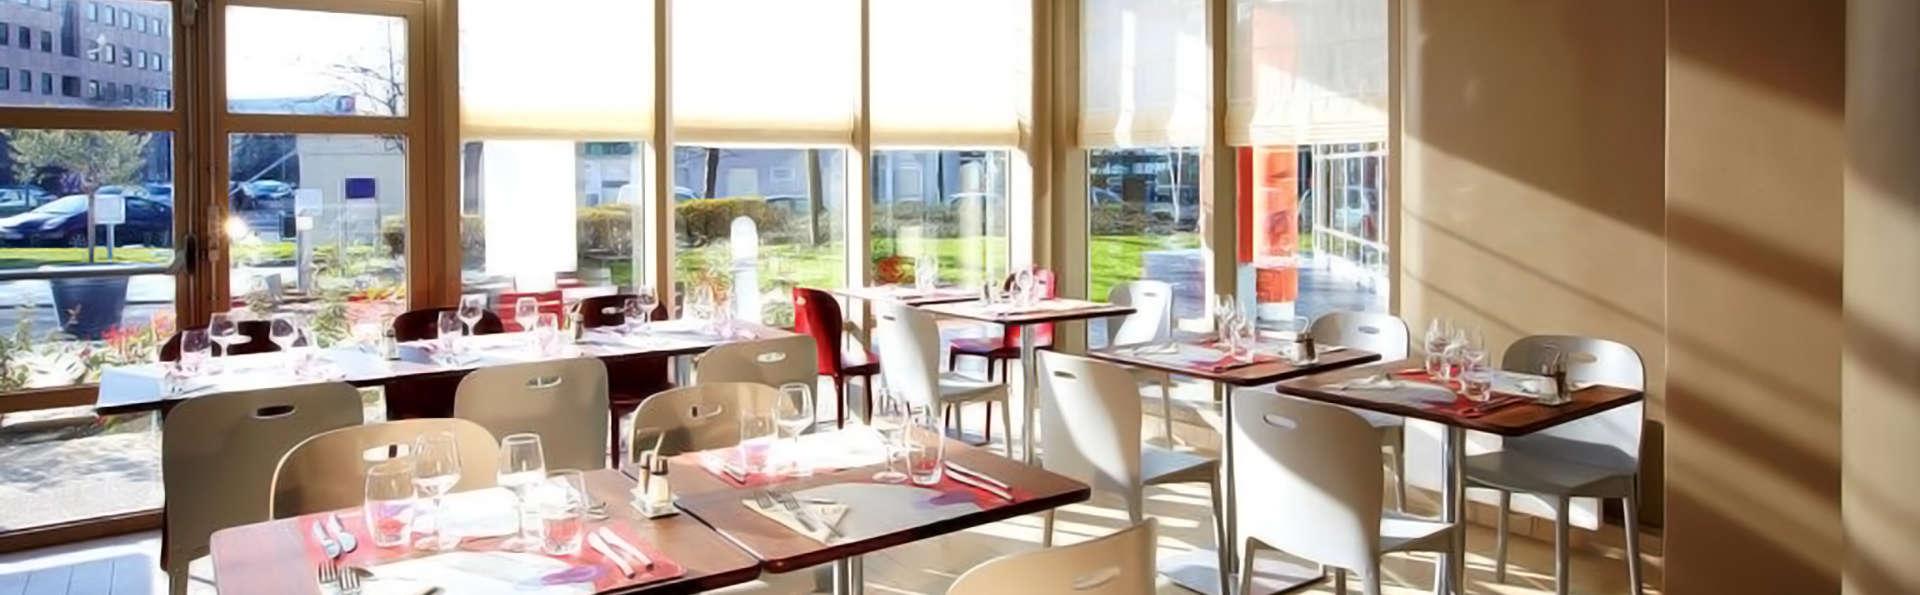 Dîner 3 plats dans un cadre moderne aux portes de Paris